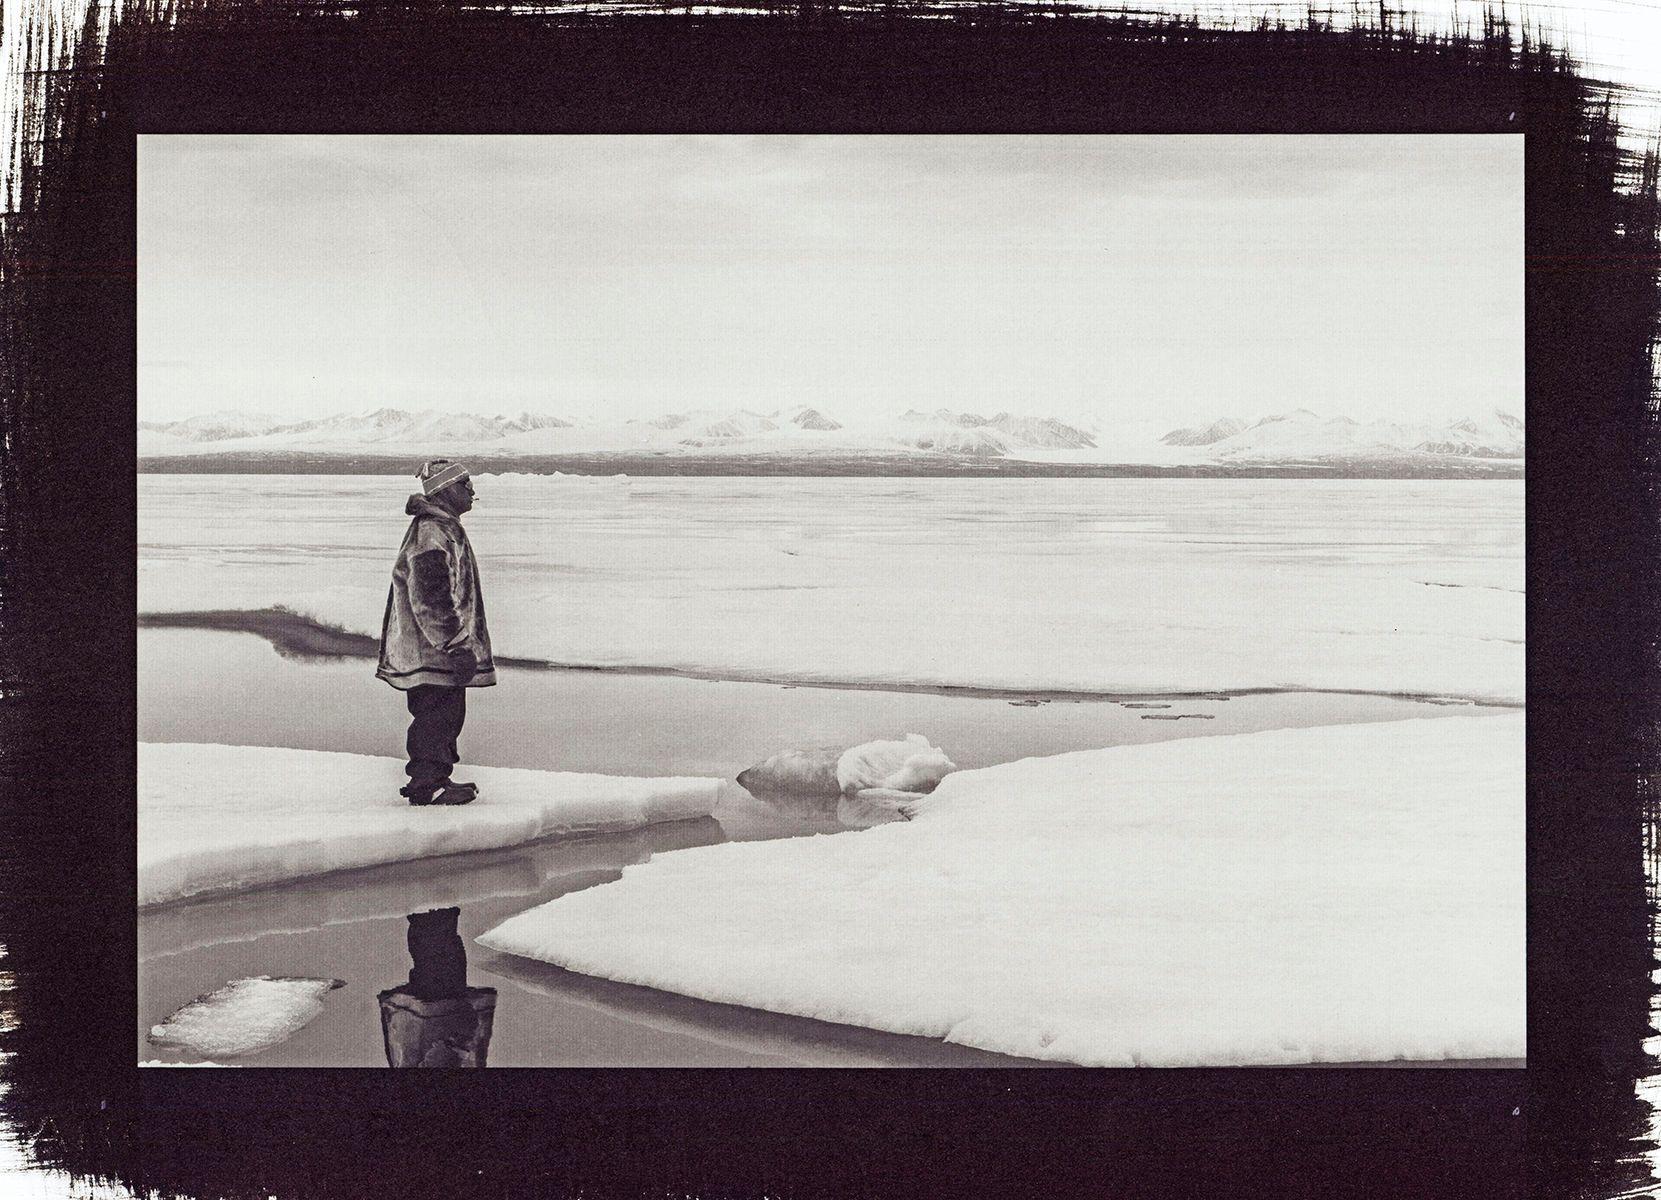 JAKE, NUNAVUT, CANADA © IVO KOCHERSCHEIDT 2009